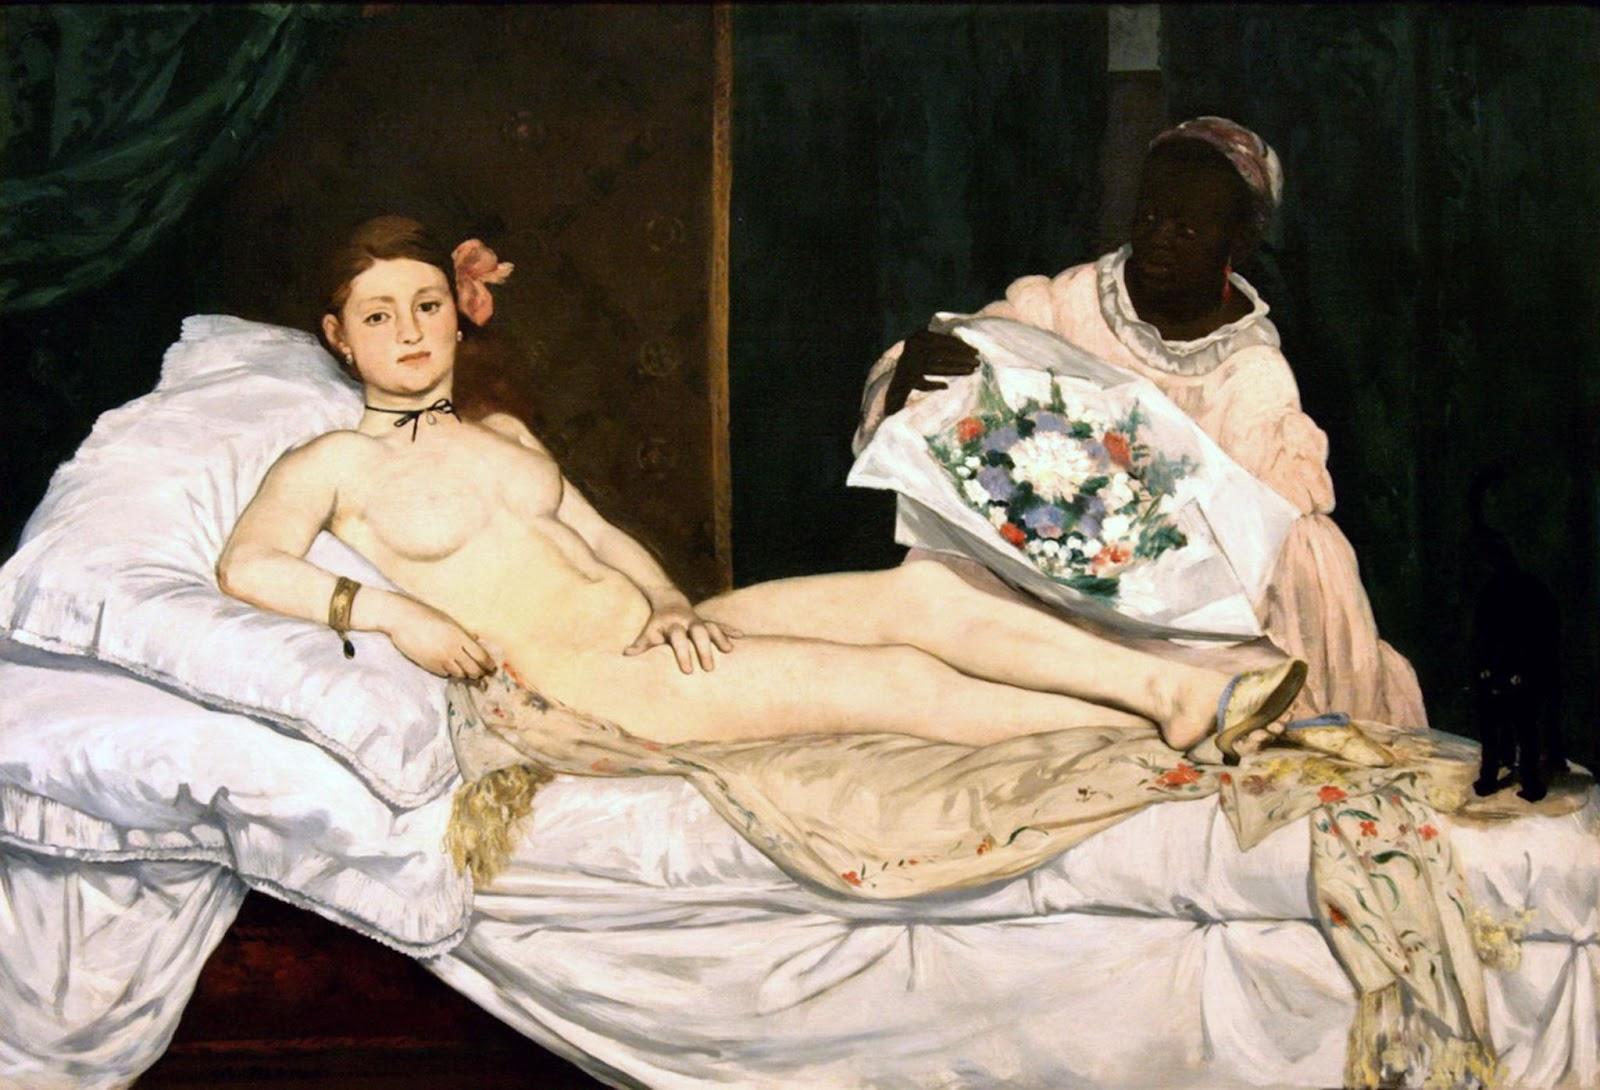 Эдуард Мане - отец модернизма. Самые известные работы.